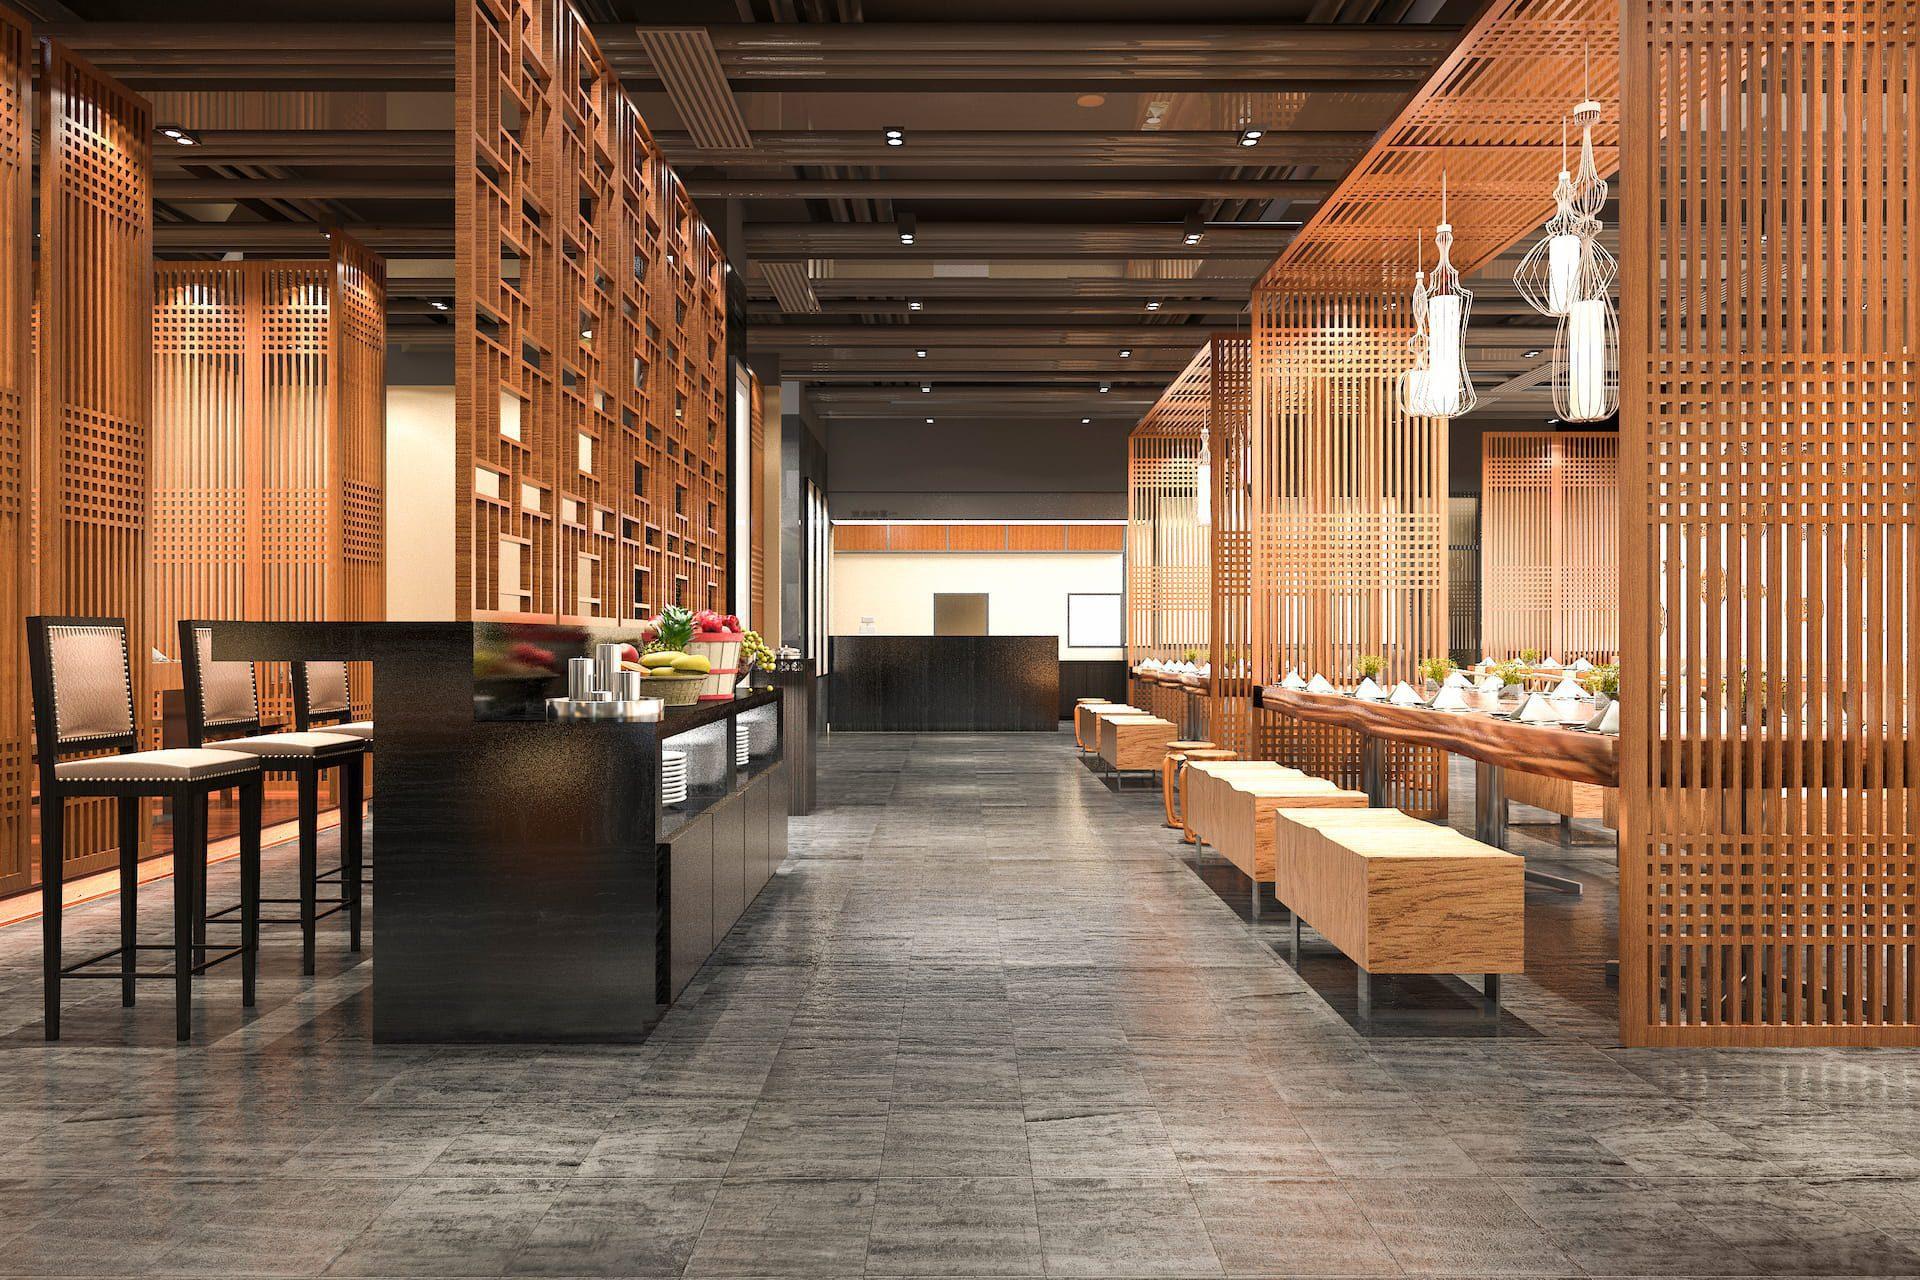 3D rendering of wooden restaurant interior